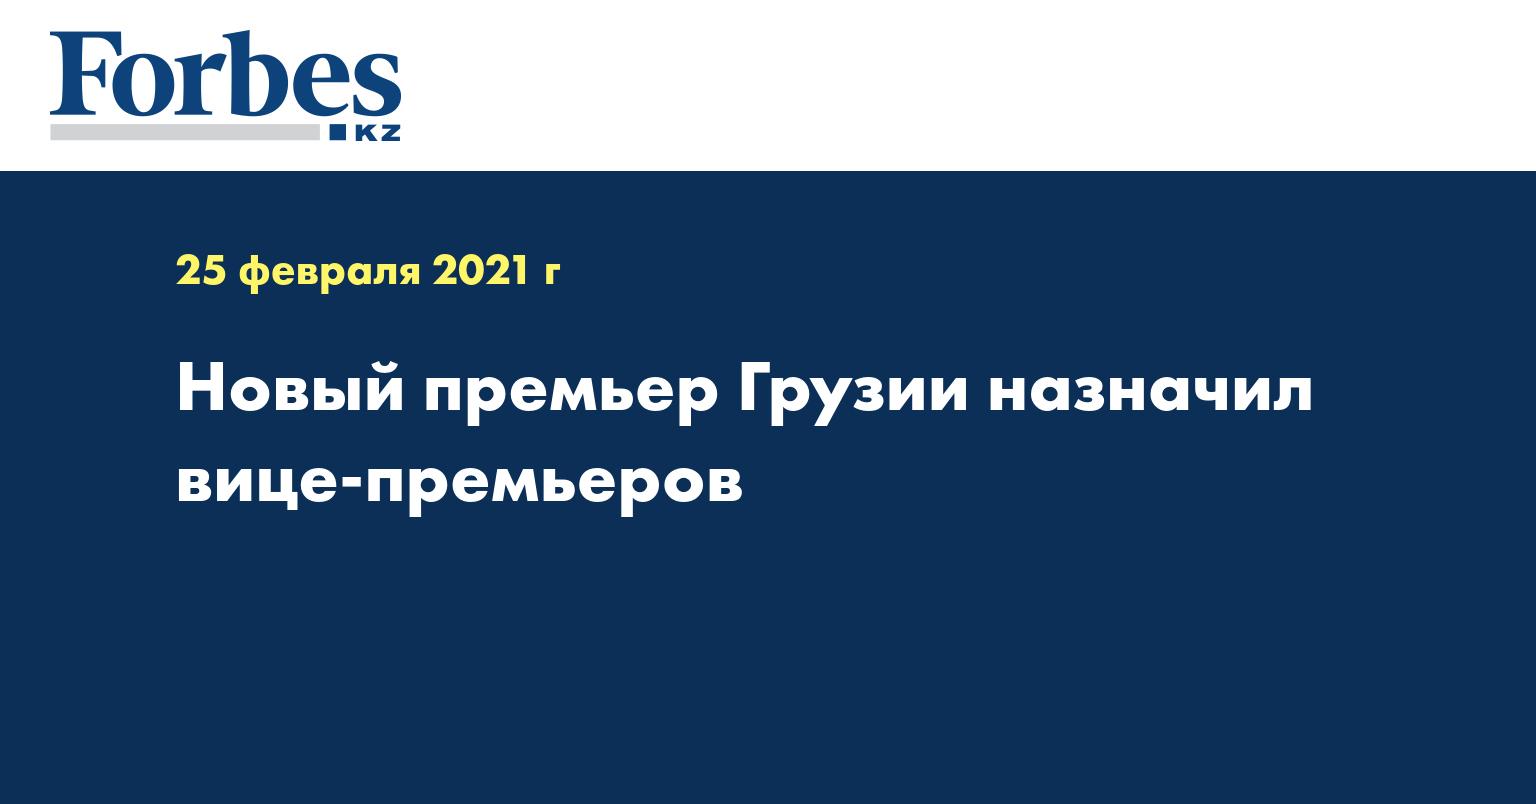 Новый премьер Грузии назначил вице-премьеров